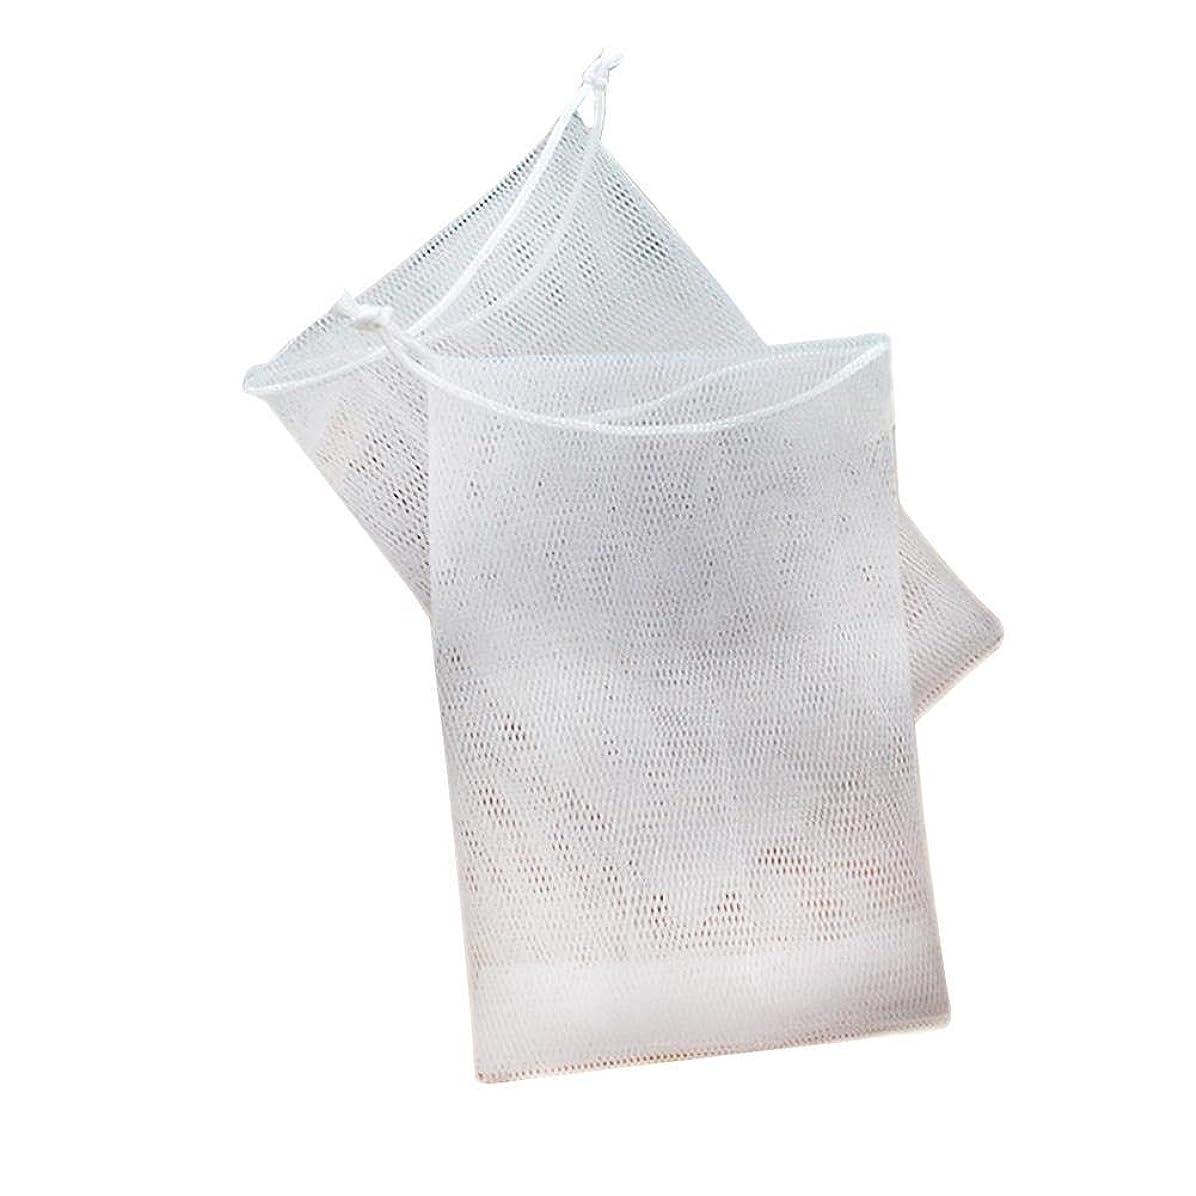 オン砂廃止石鹸の袋の網のドローストリング袋は ハンドメイドの石鹸の泡泡ネットメーカーのために掛けることができます 12×9cm